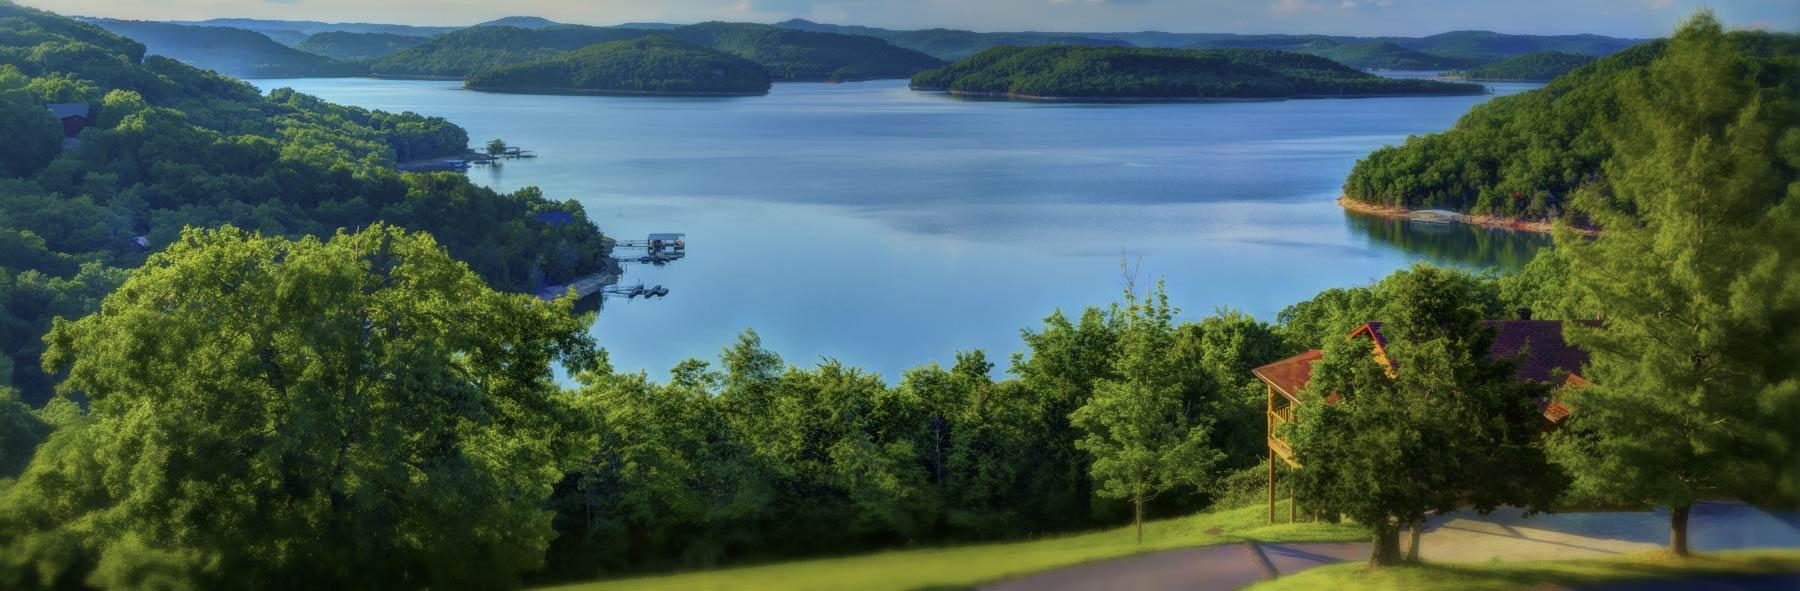 Eureka Springs Cabins Resort   Lake Shore Cabins On Beaver Lake